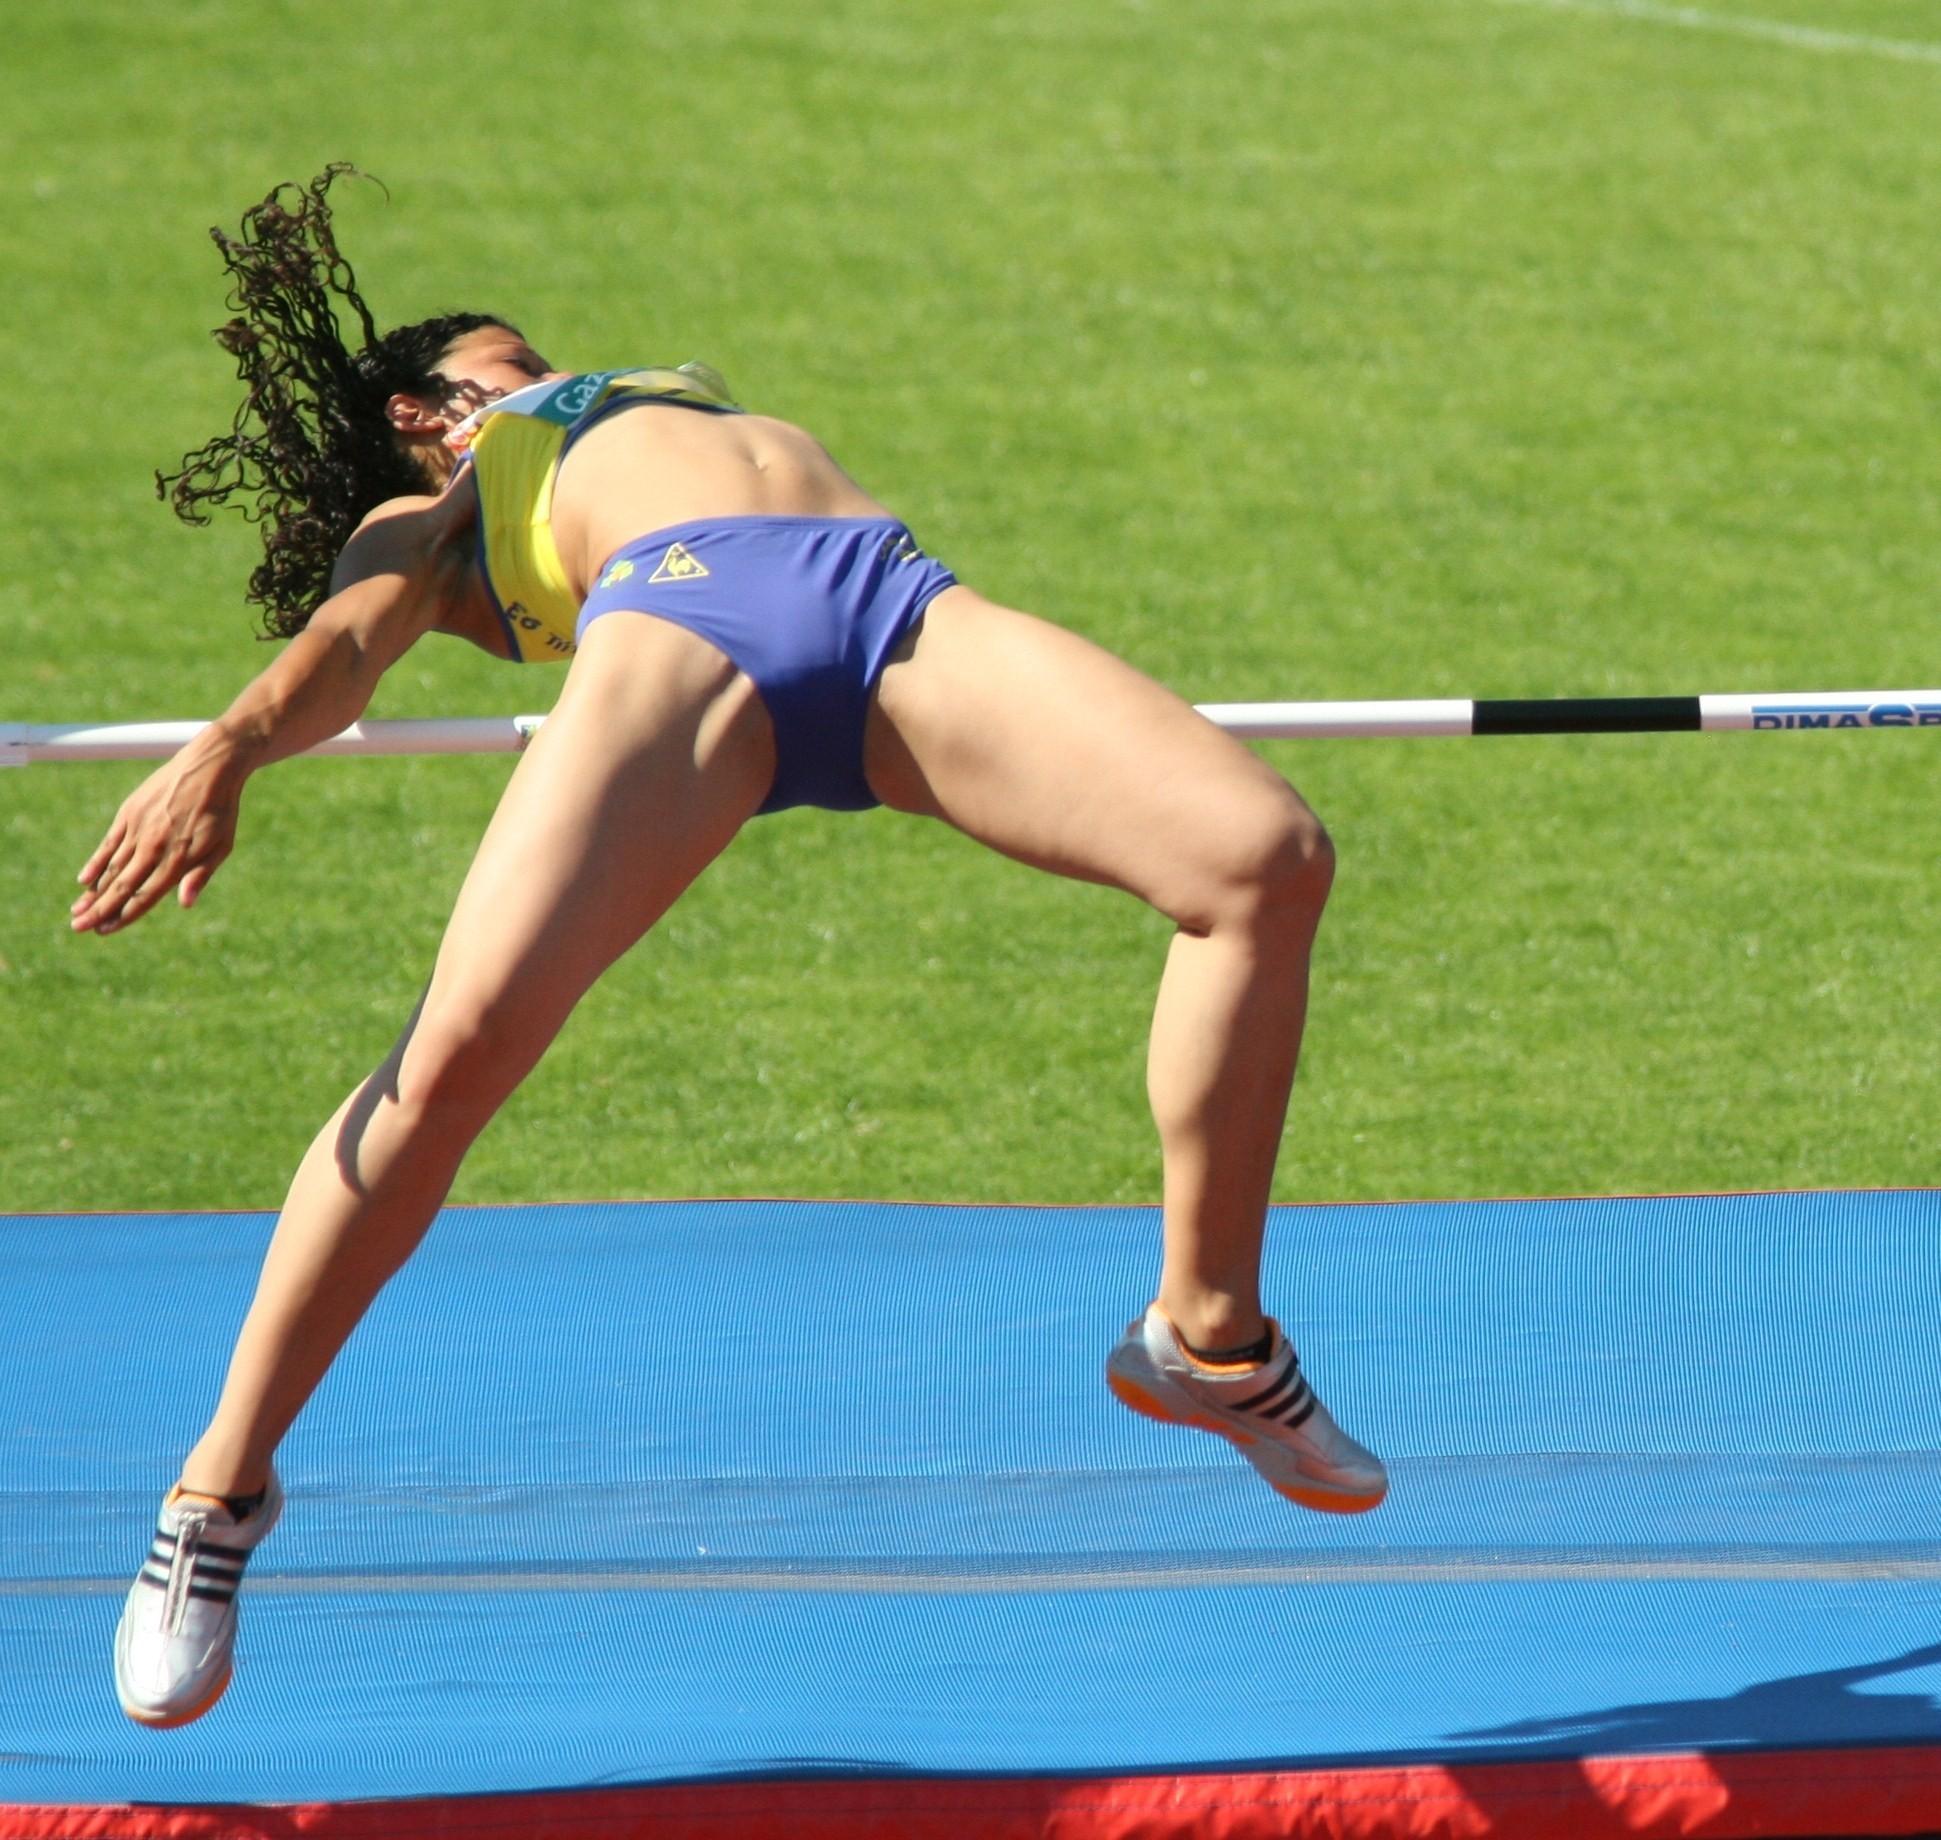 Необычные фотографии спортсменок